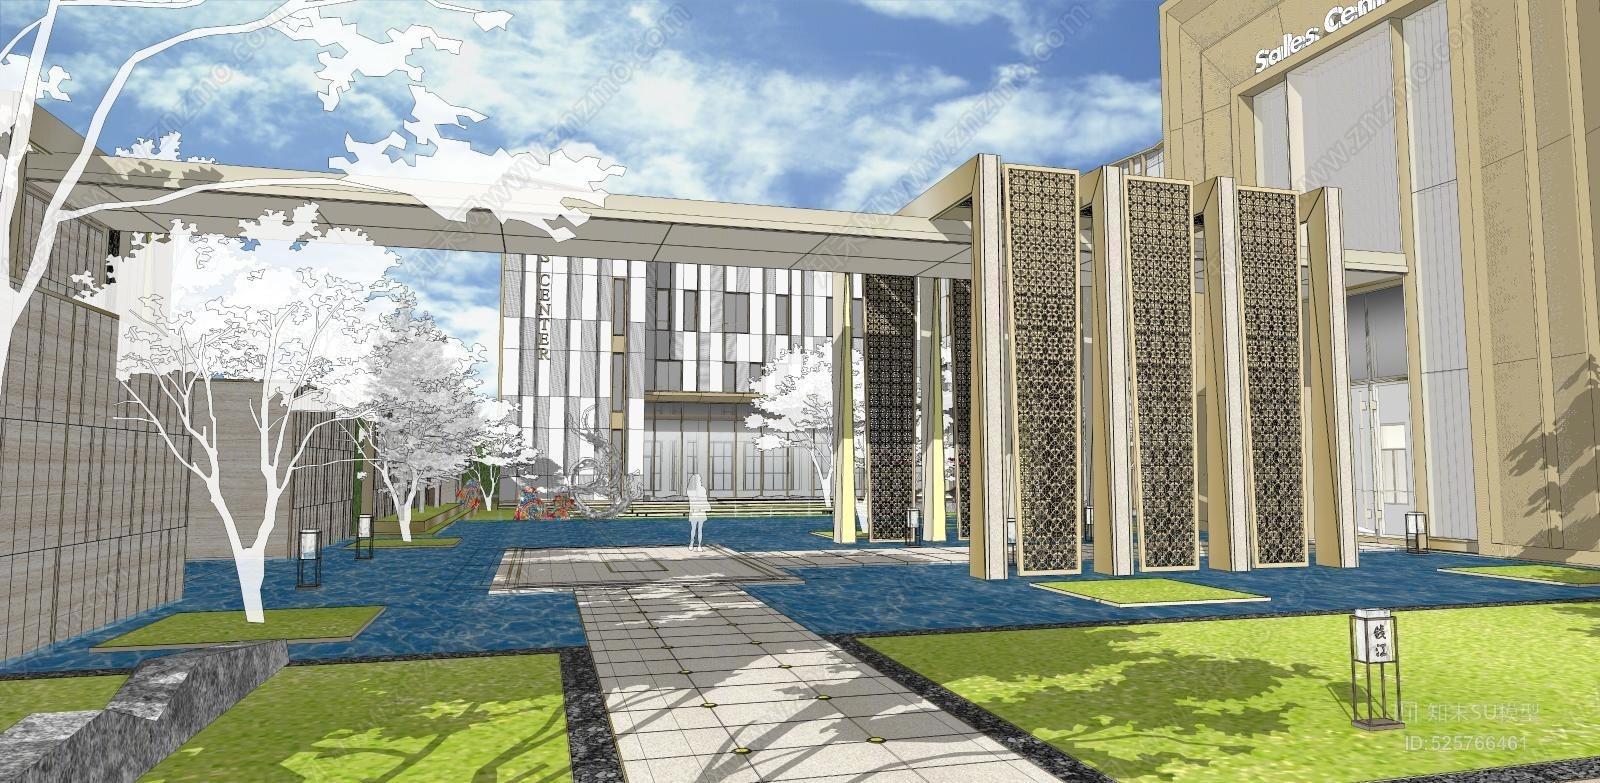 新中式售楼处入口水景 大草坪